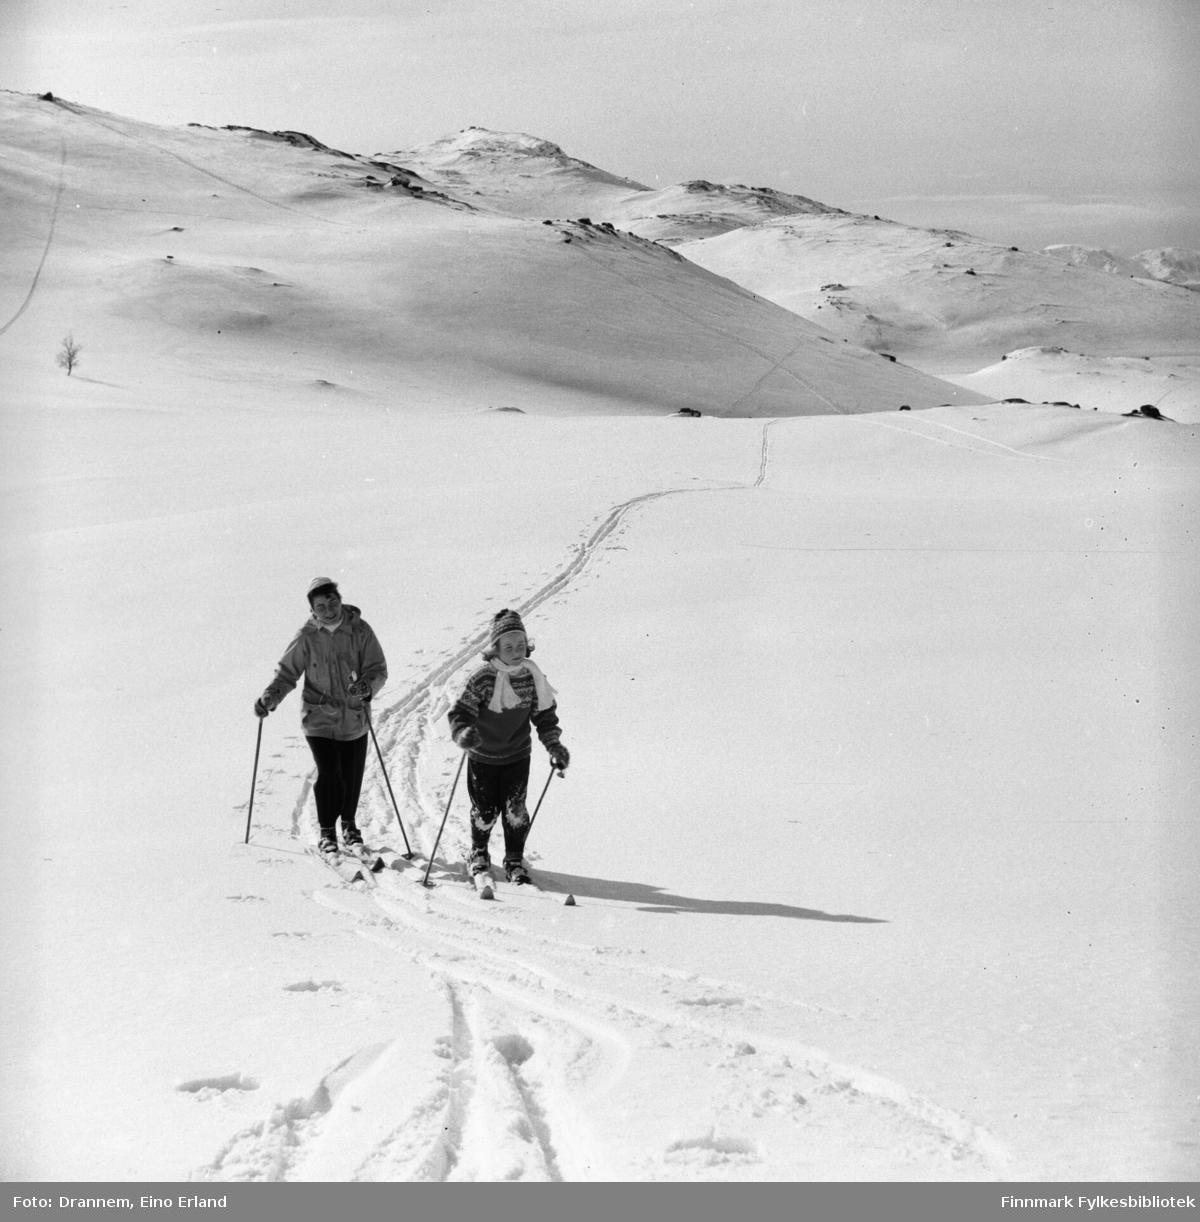 Påsketid. Turid Lillian med sin mor Jenny Drannem på skitur